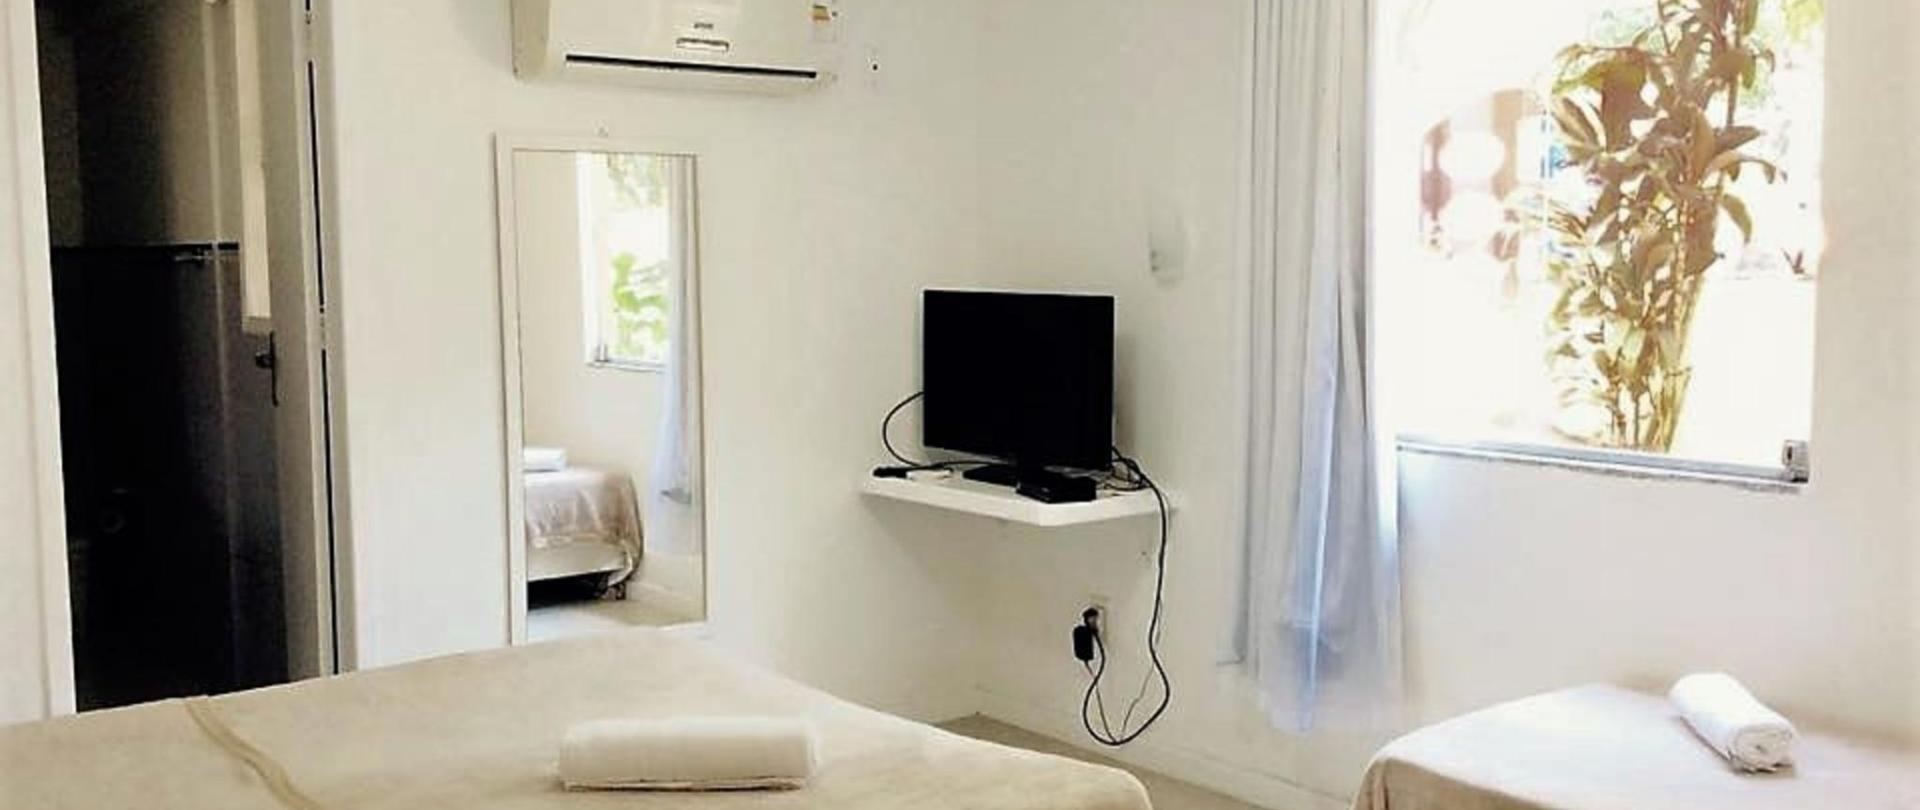 Habitación 5 (5) edit.jpg